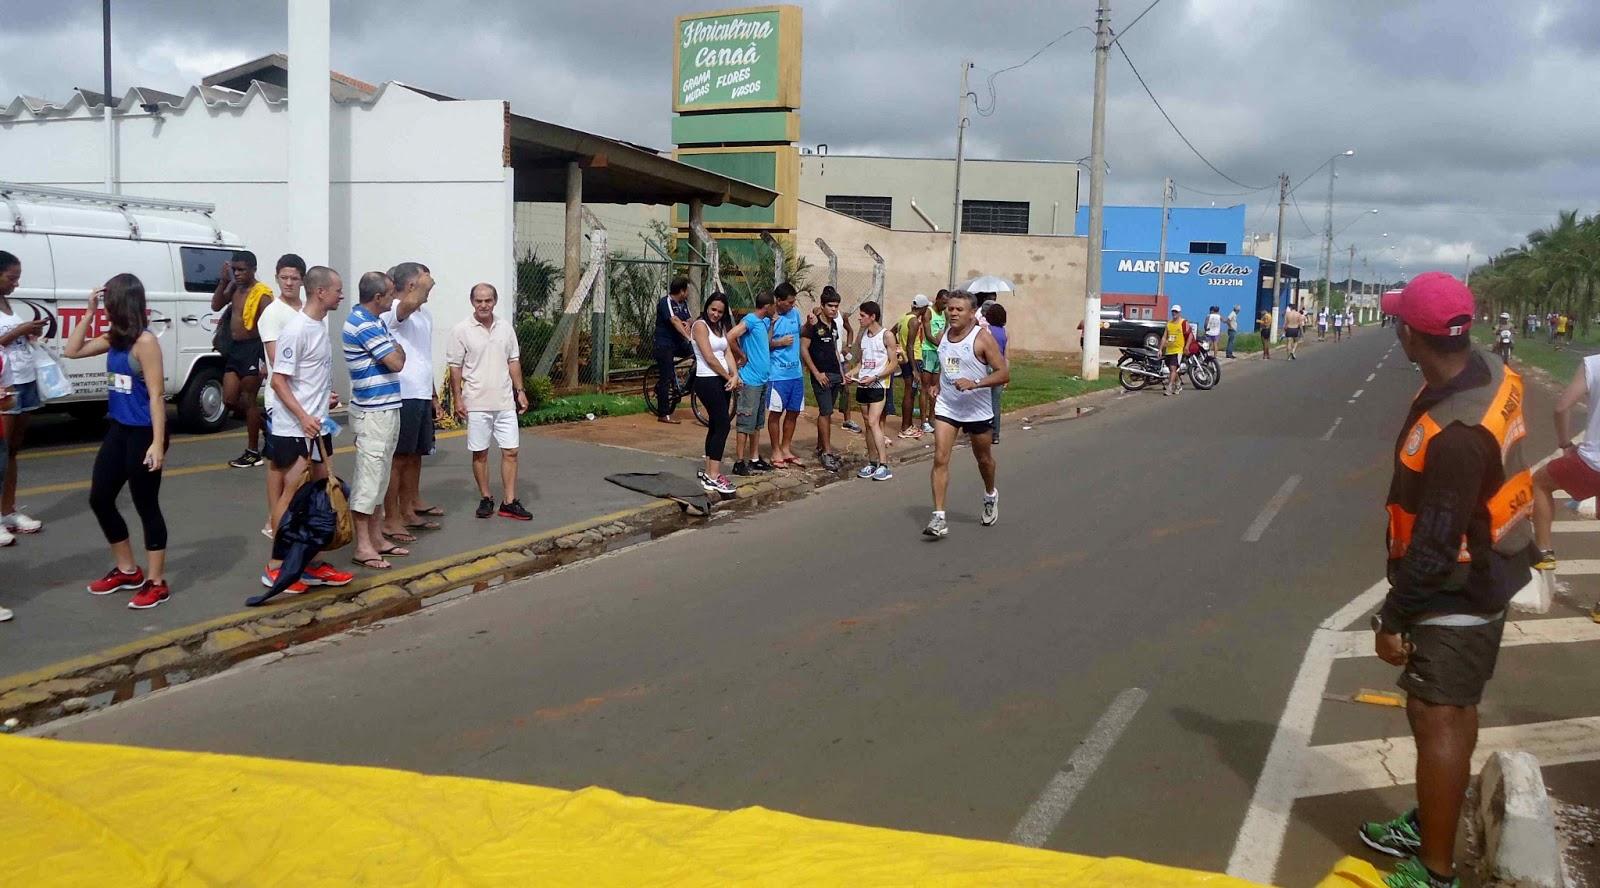 Foto 165 da 1ª Corrida Av. dos Coqueiros em Barretos-SP 14/04/2013 – Atletas cruzando a linha de chegada